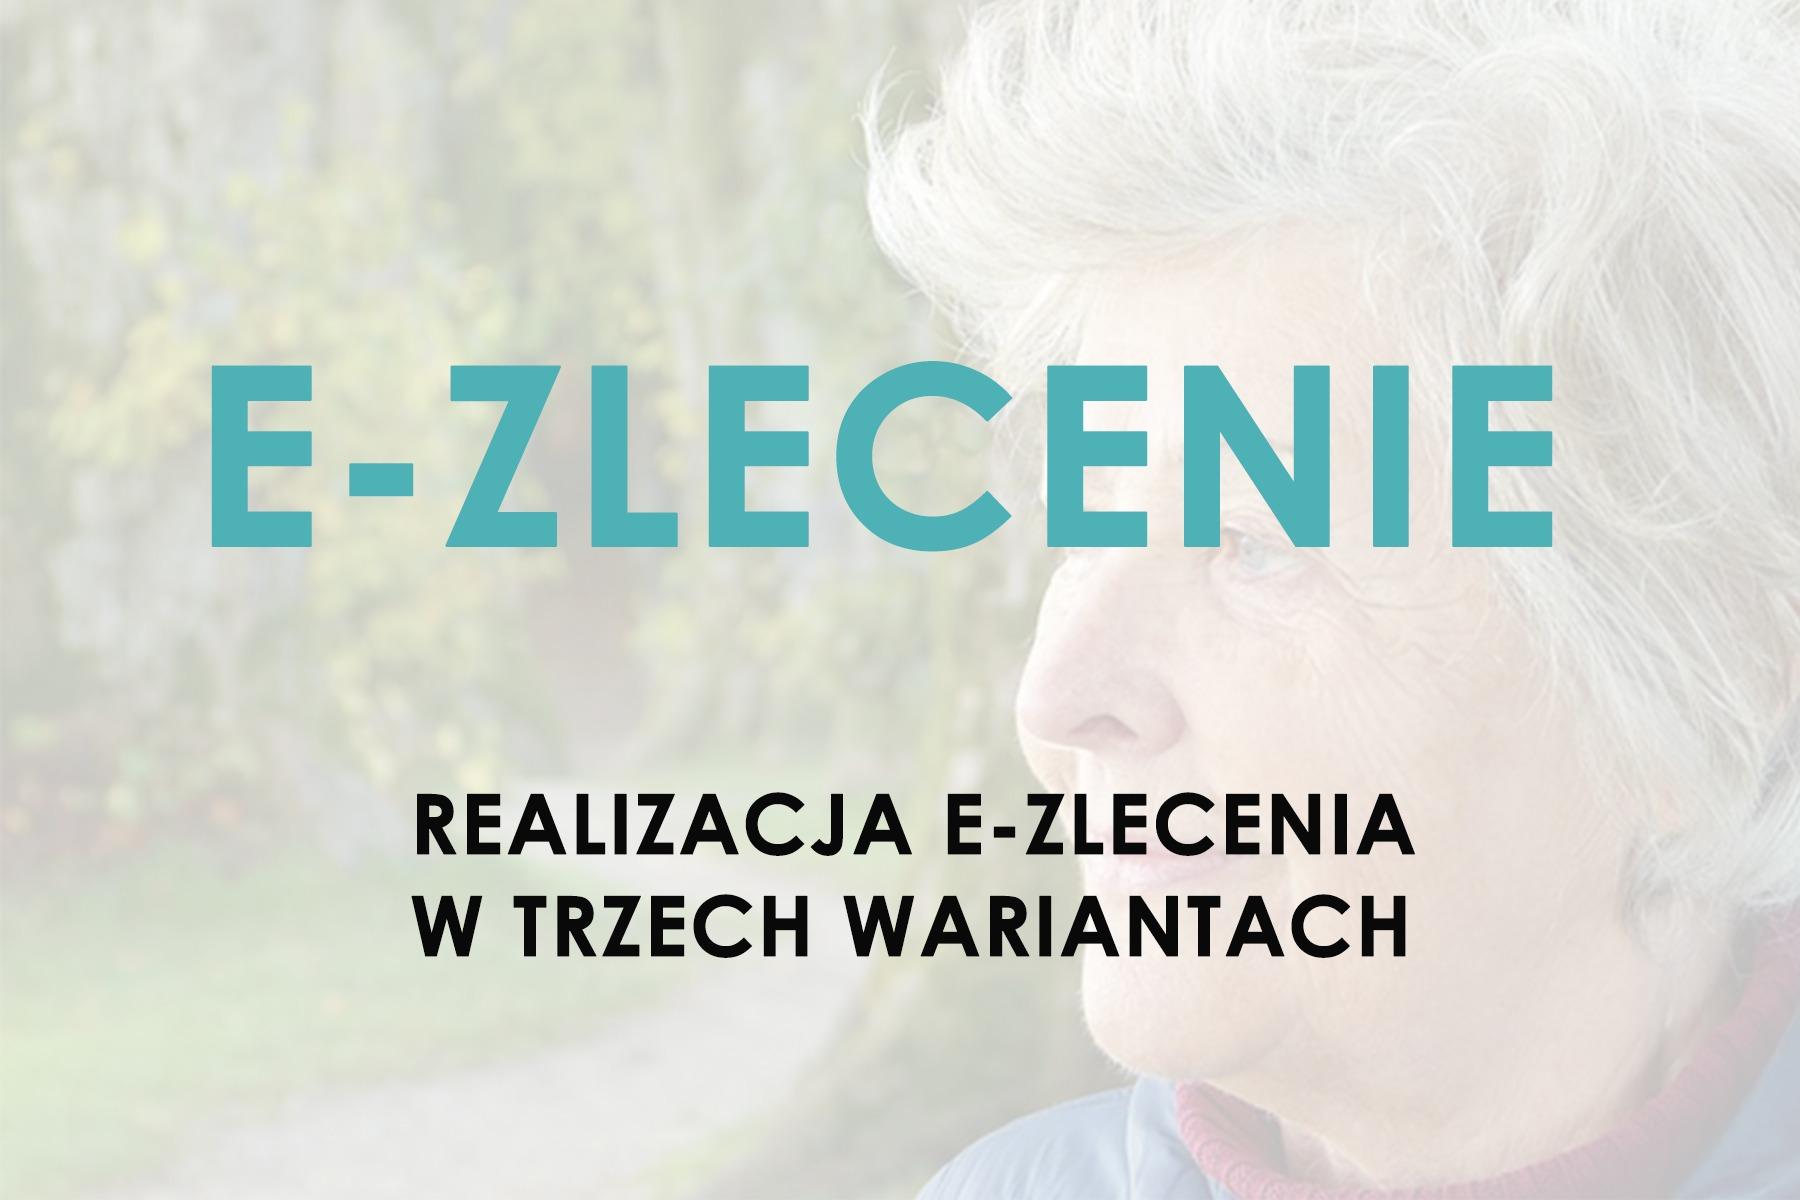 Realizacja E-zlecenia NFZ